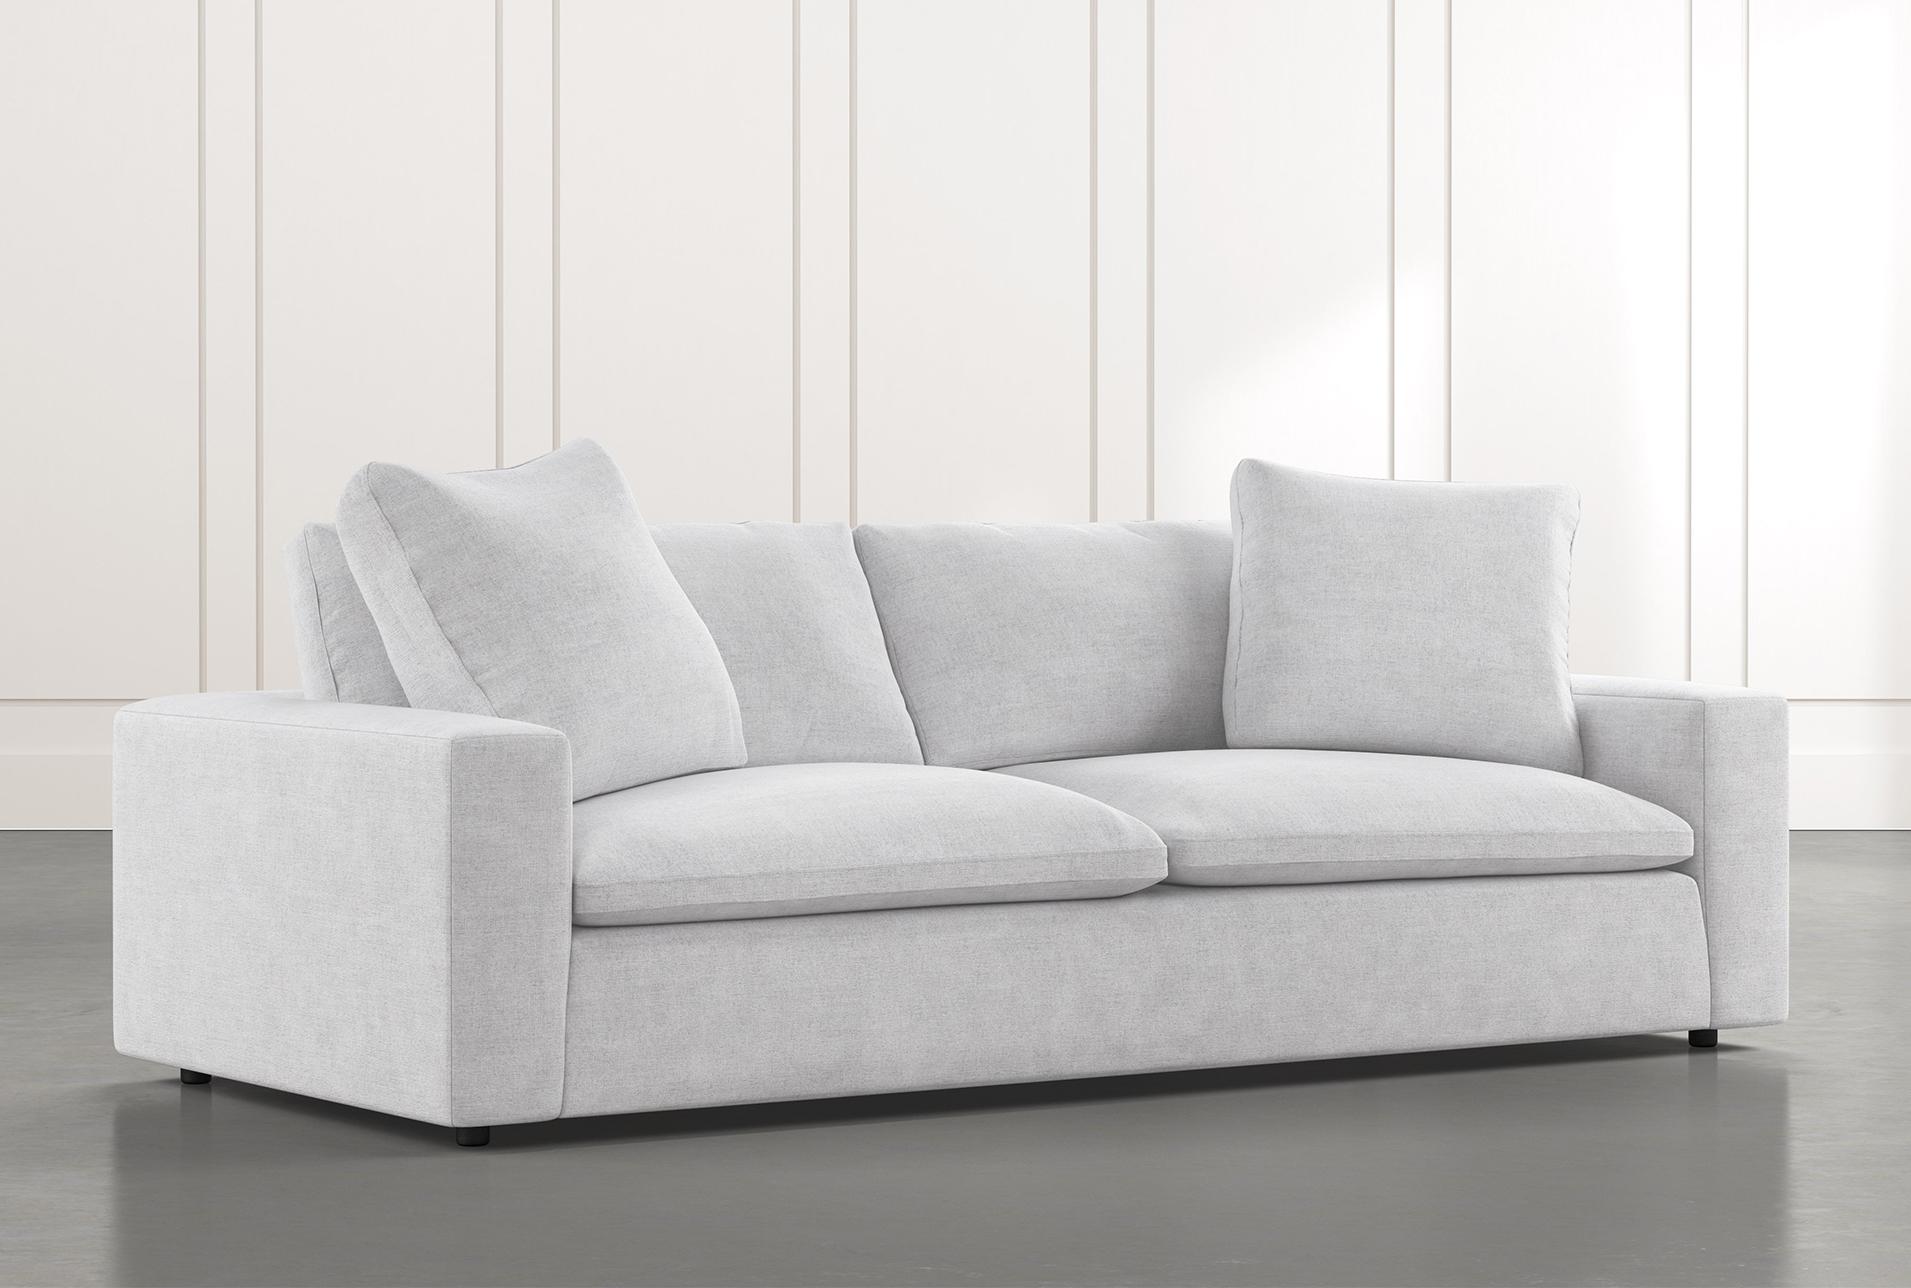 Utopia Light Grey Sofa 995 Gray Sofa Light Gray Couch Sofa